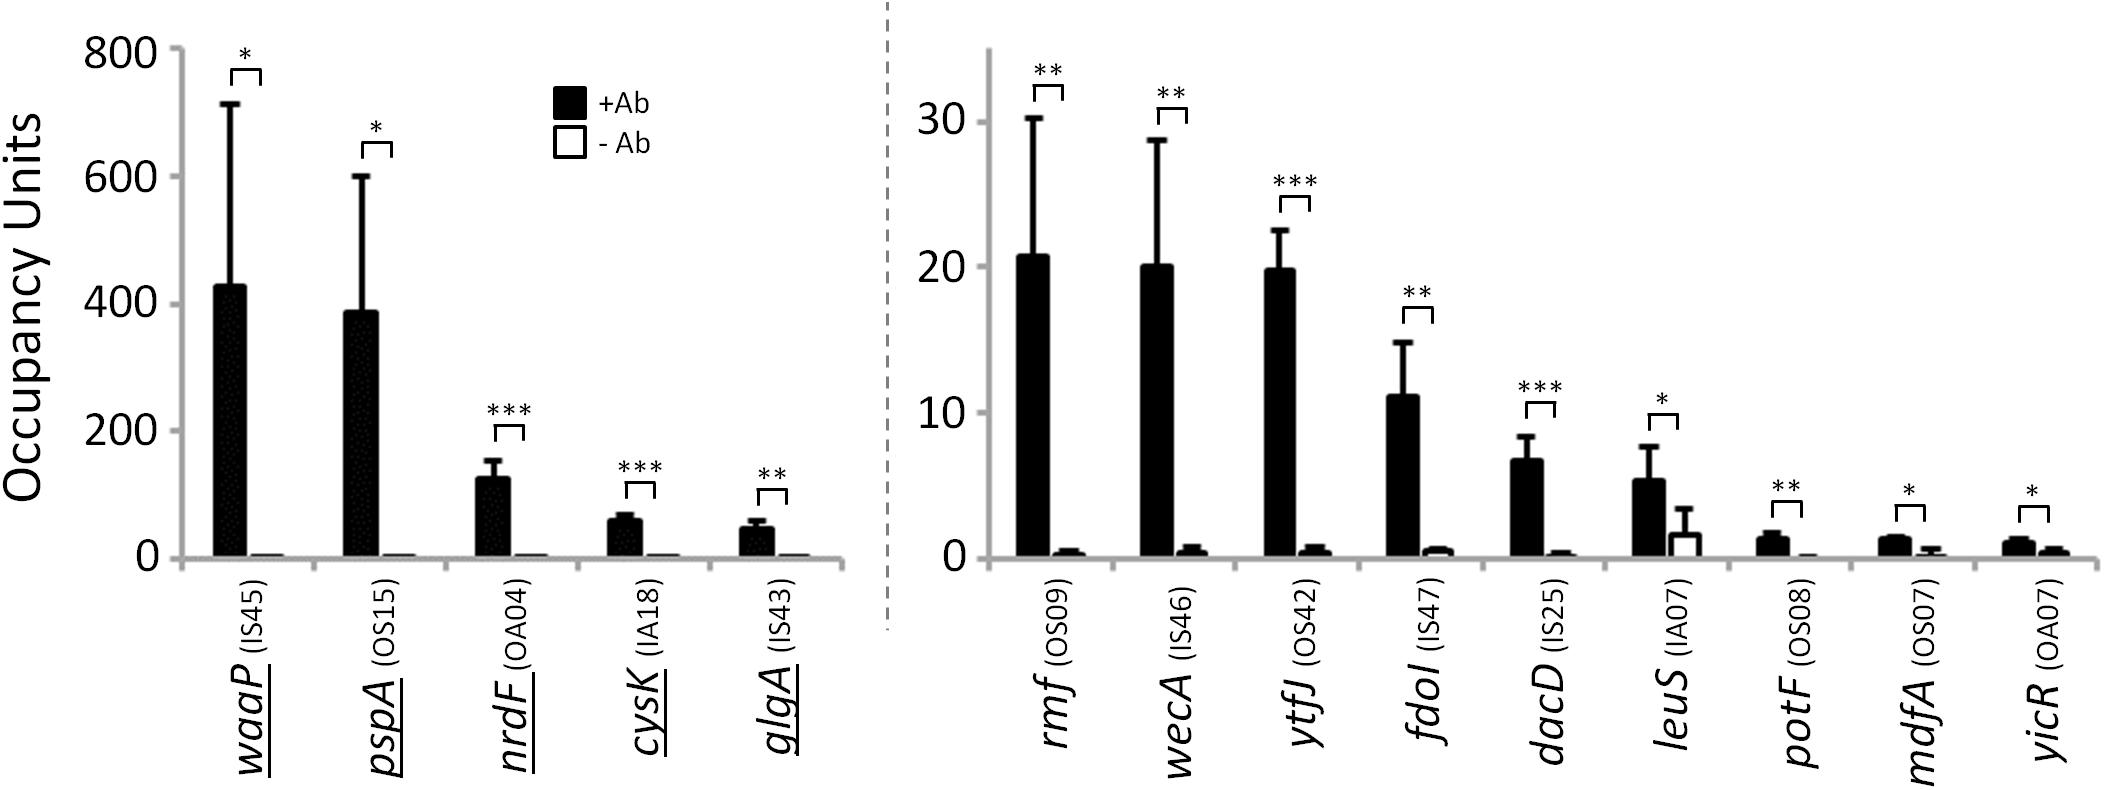 σ<sup>54</sup> binds conserved sites in <i>Salmonella enterica</i>.